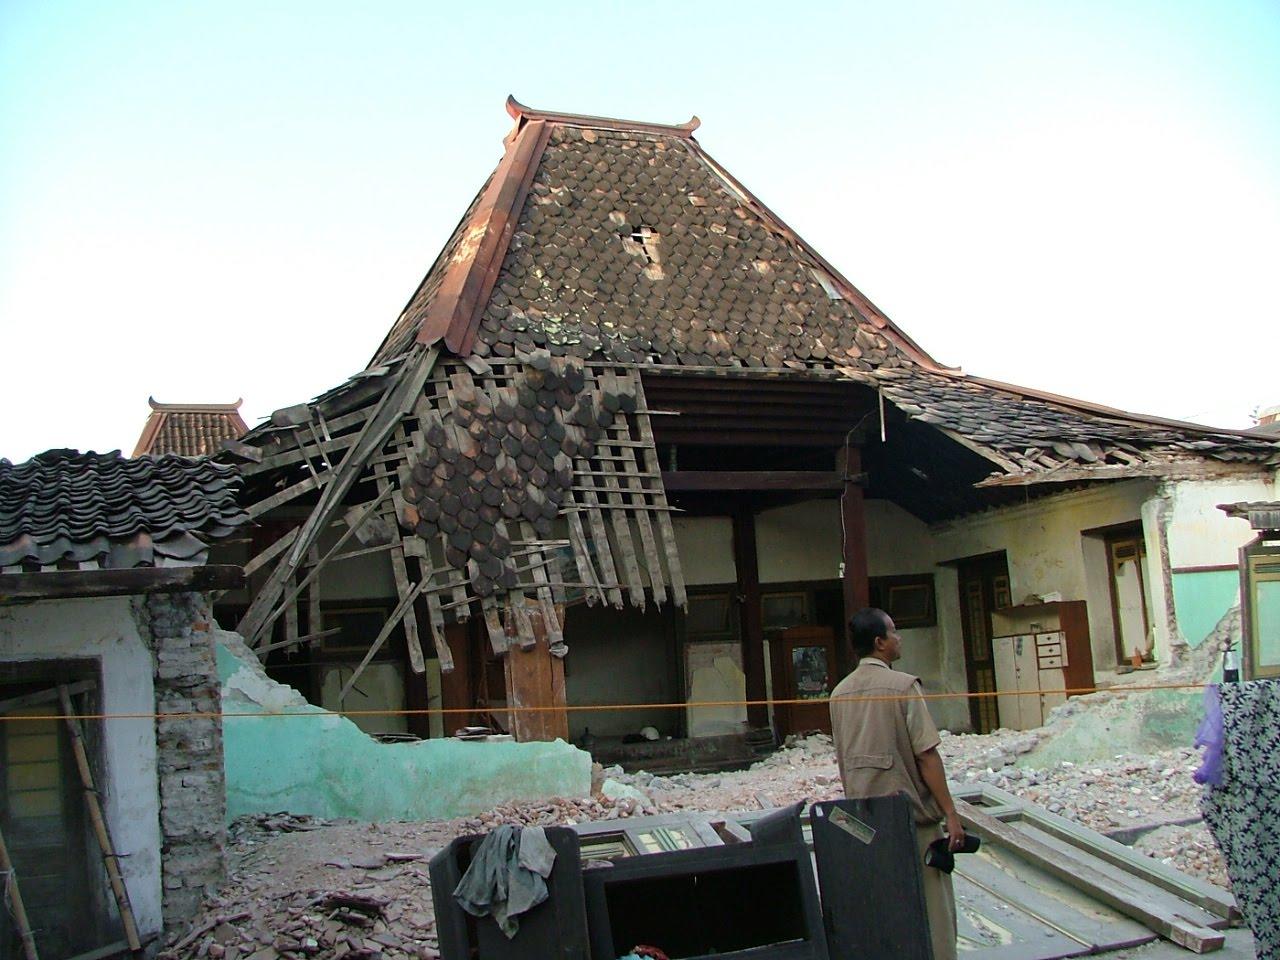 JAKARTA Indonesia  Hari ini tepat 10 tahun yang lalu Daerah Istimewa Yogyakarta DIY diguncang gempa bumi hebat berkekuatan 59 skala richter Ini merupakan gempa bumi terhebat yang pernah